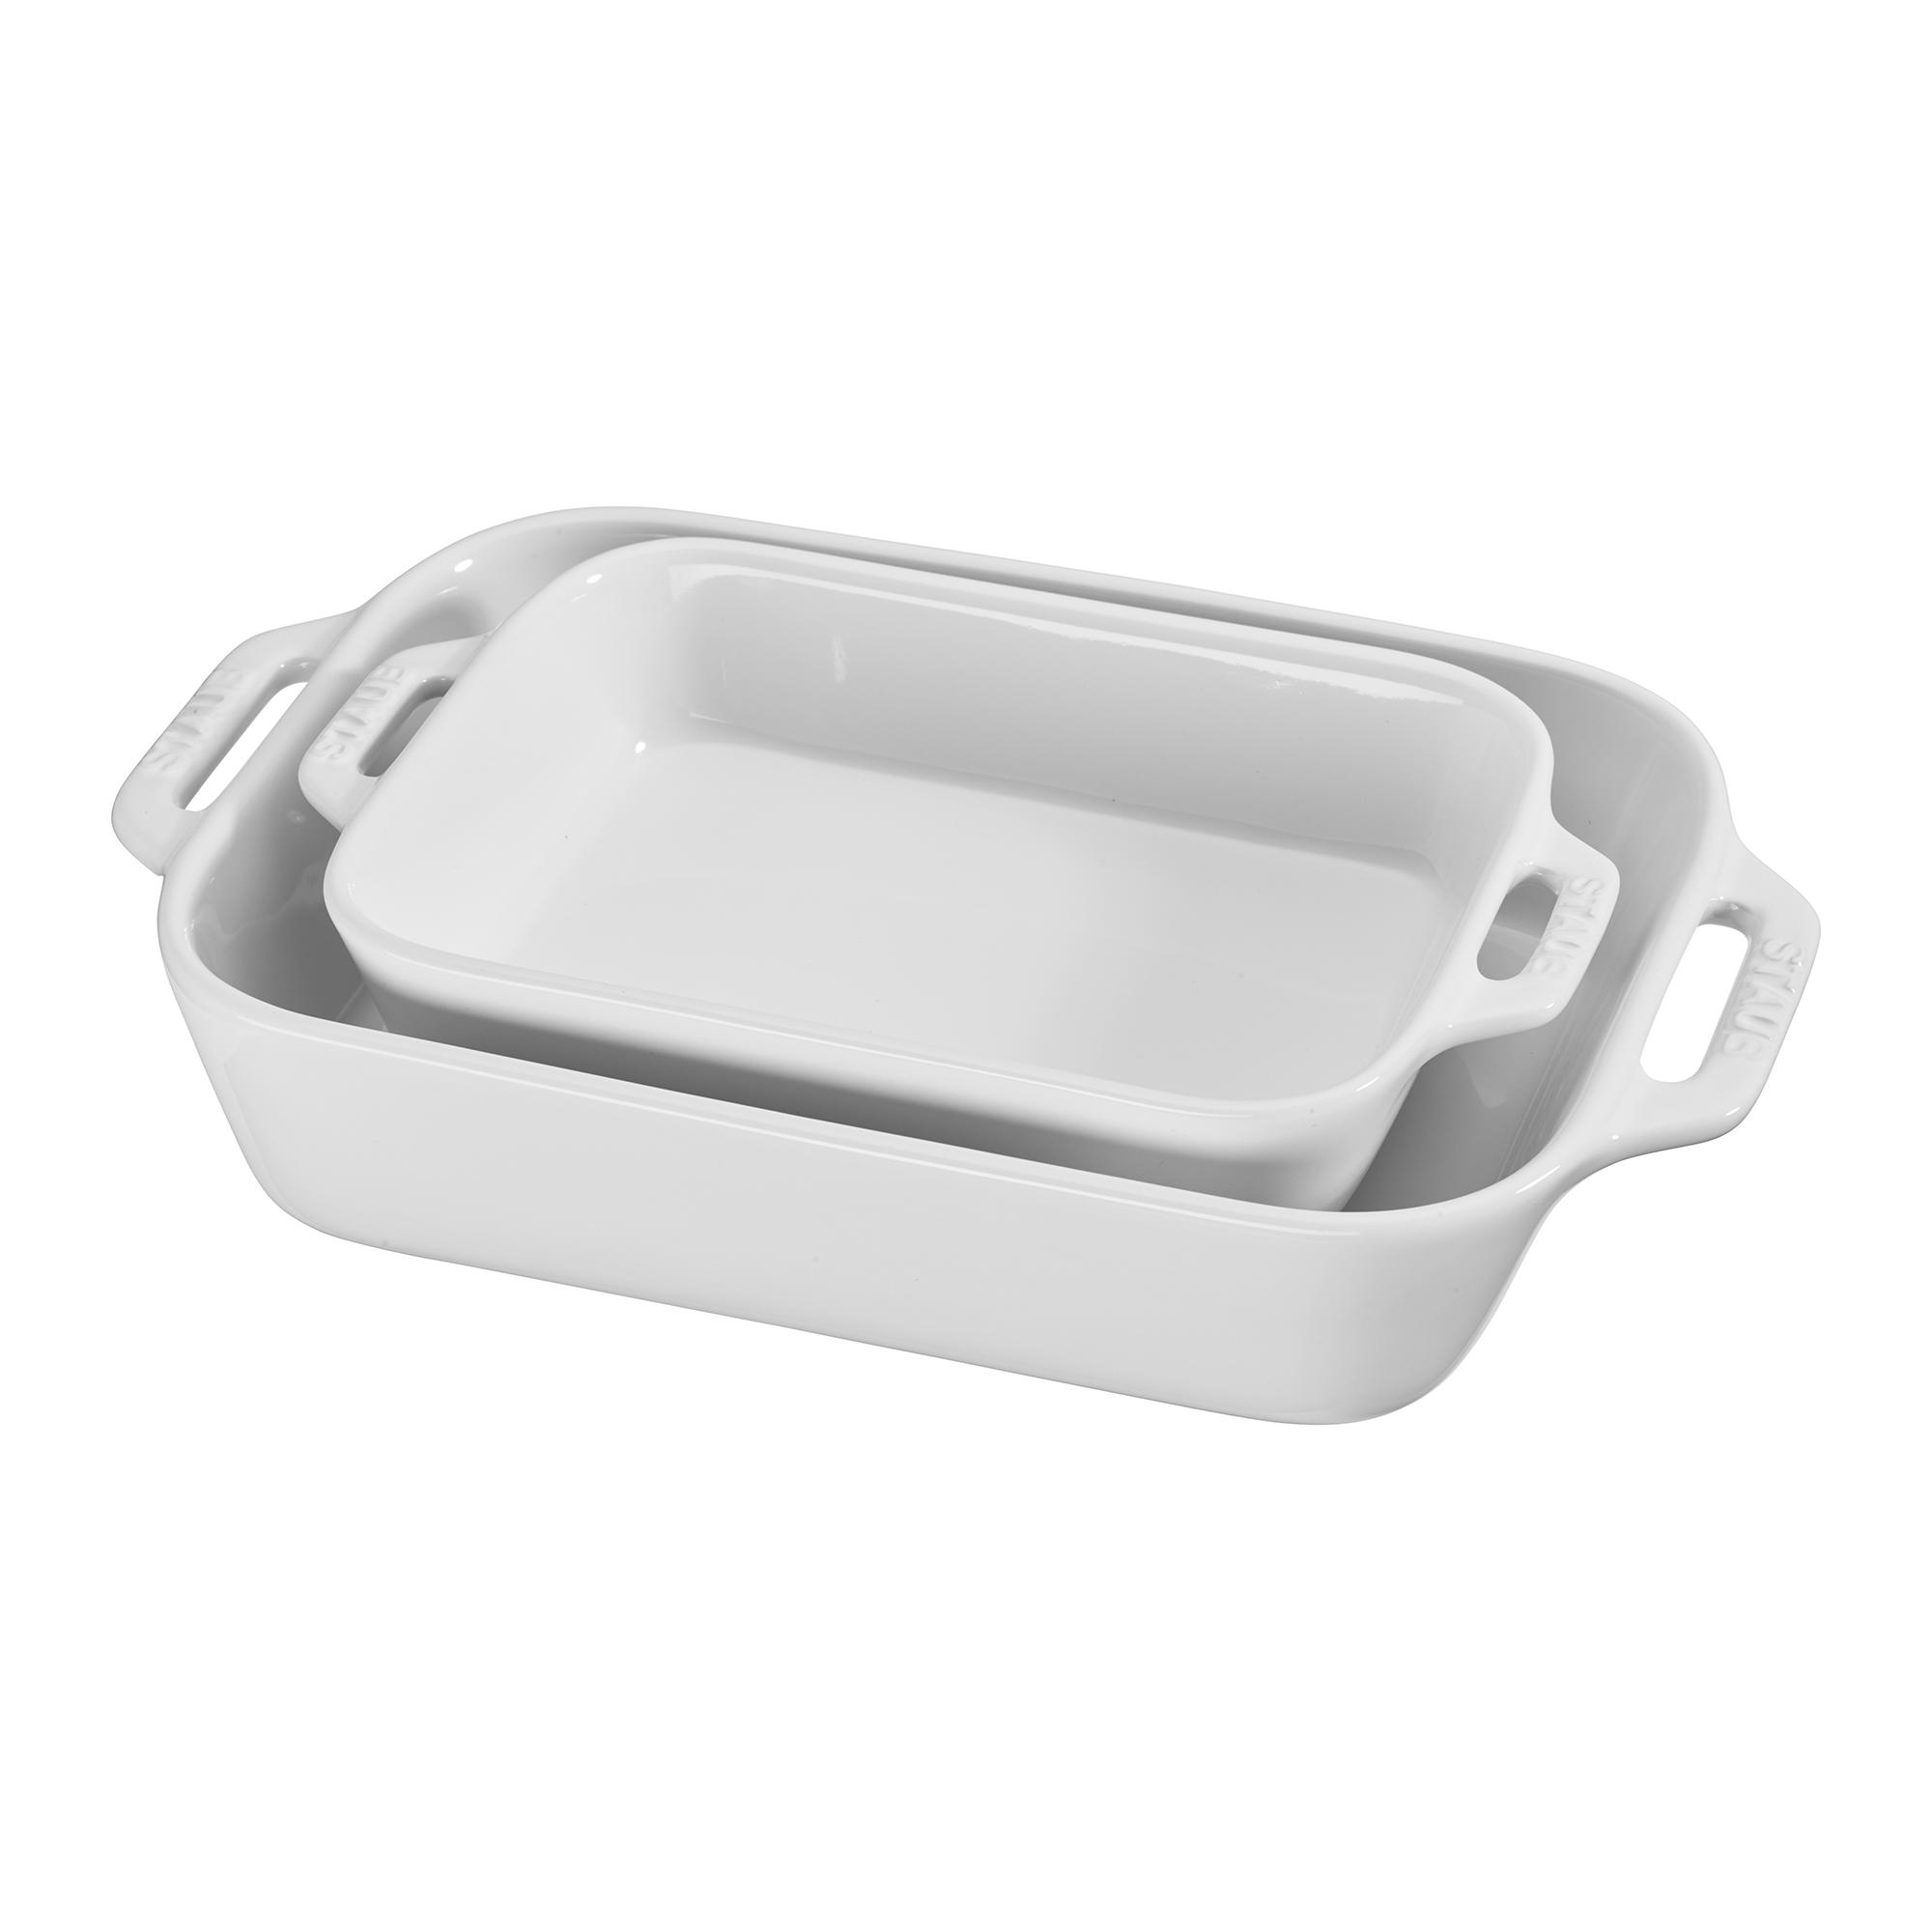 Staub Ceramic Stoneware 2 Pc Rectangular Baking Dish Set